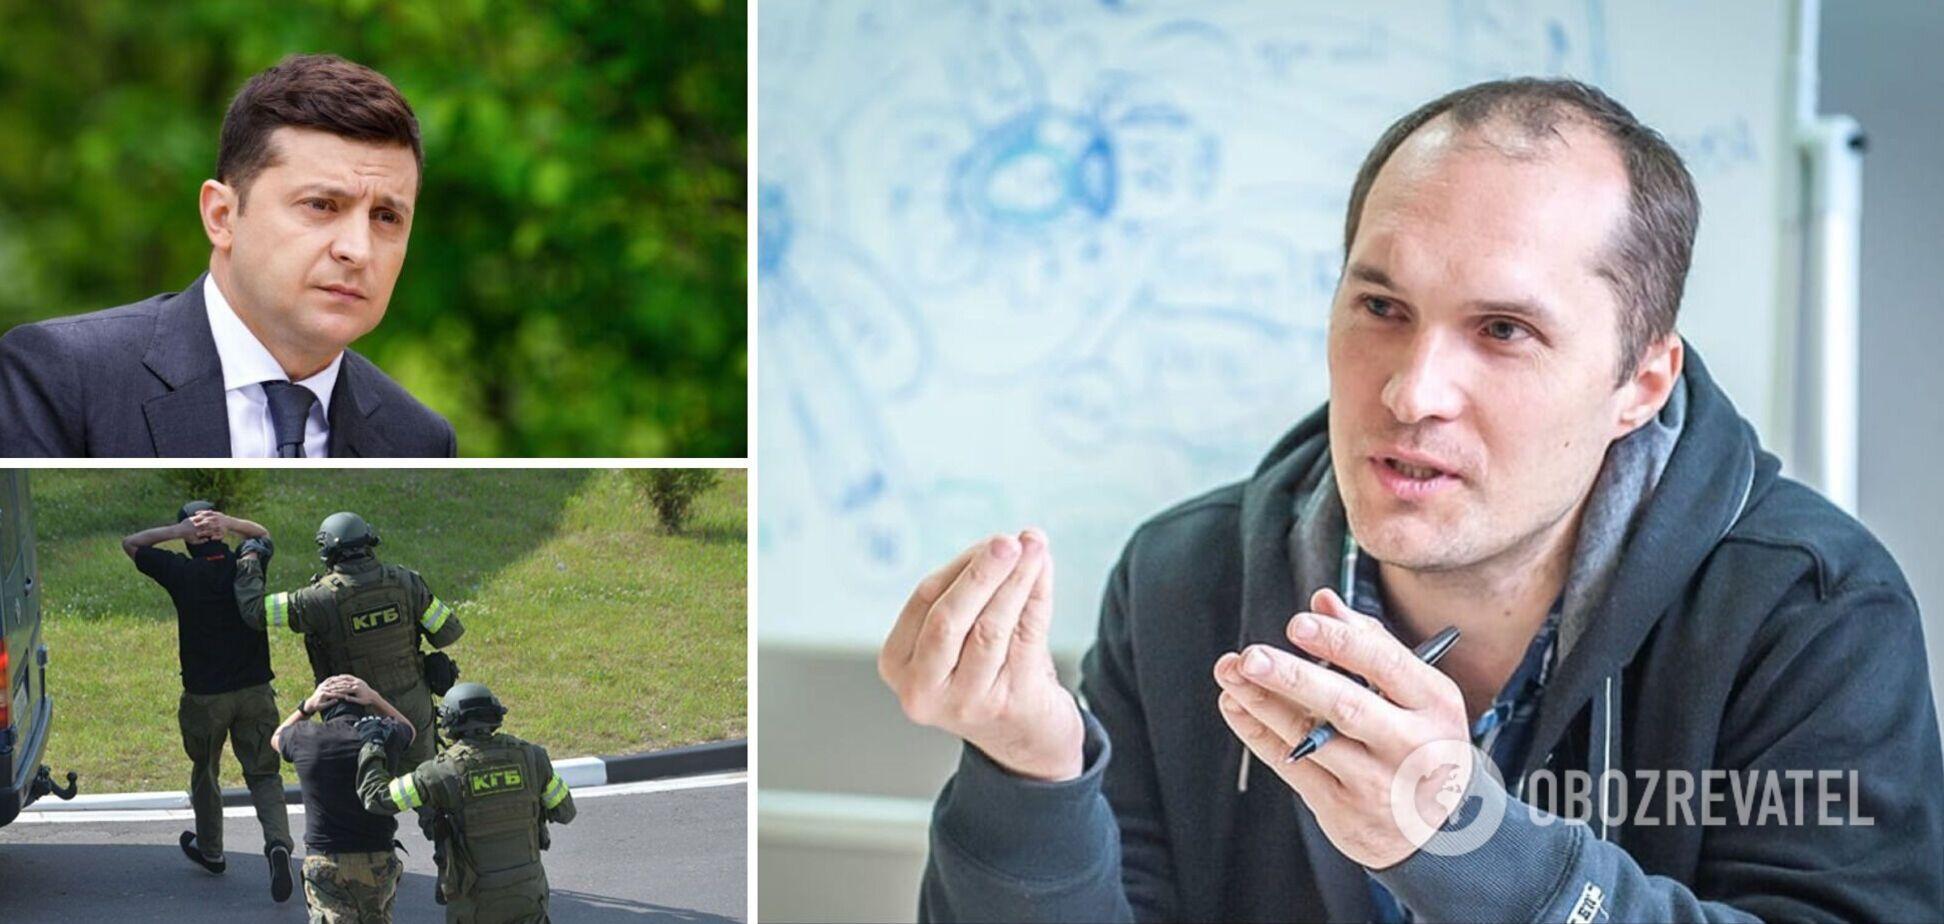 Бутусов закликав Зеленського дати інтерв'ю щодо 'вагнергейту': давайте все розповімо українському суспільству